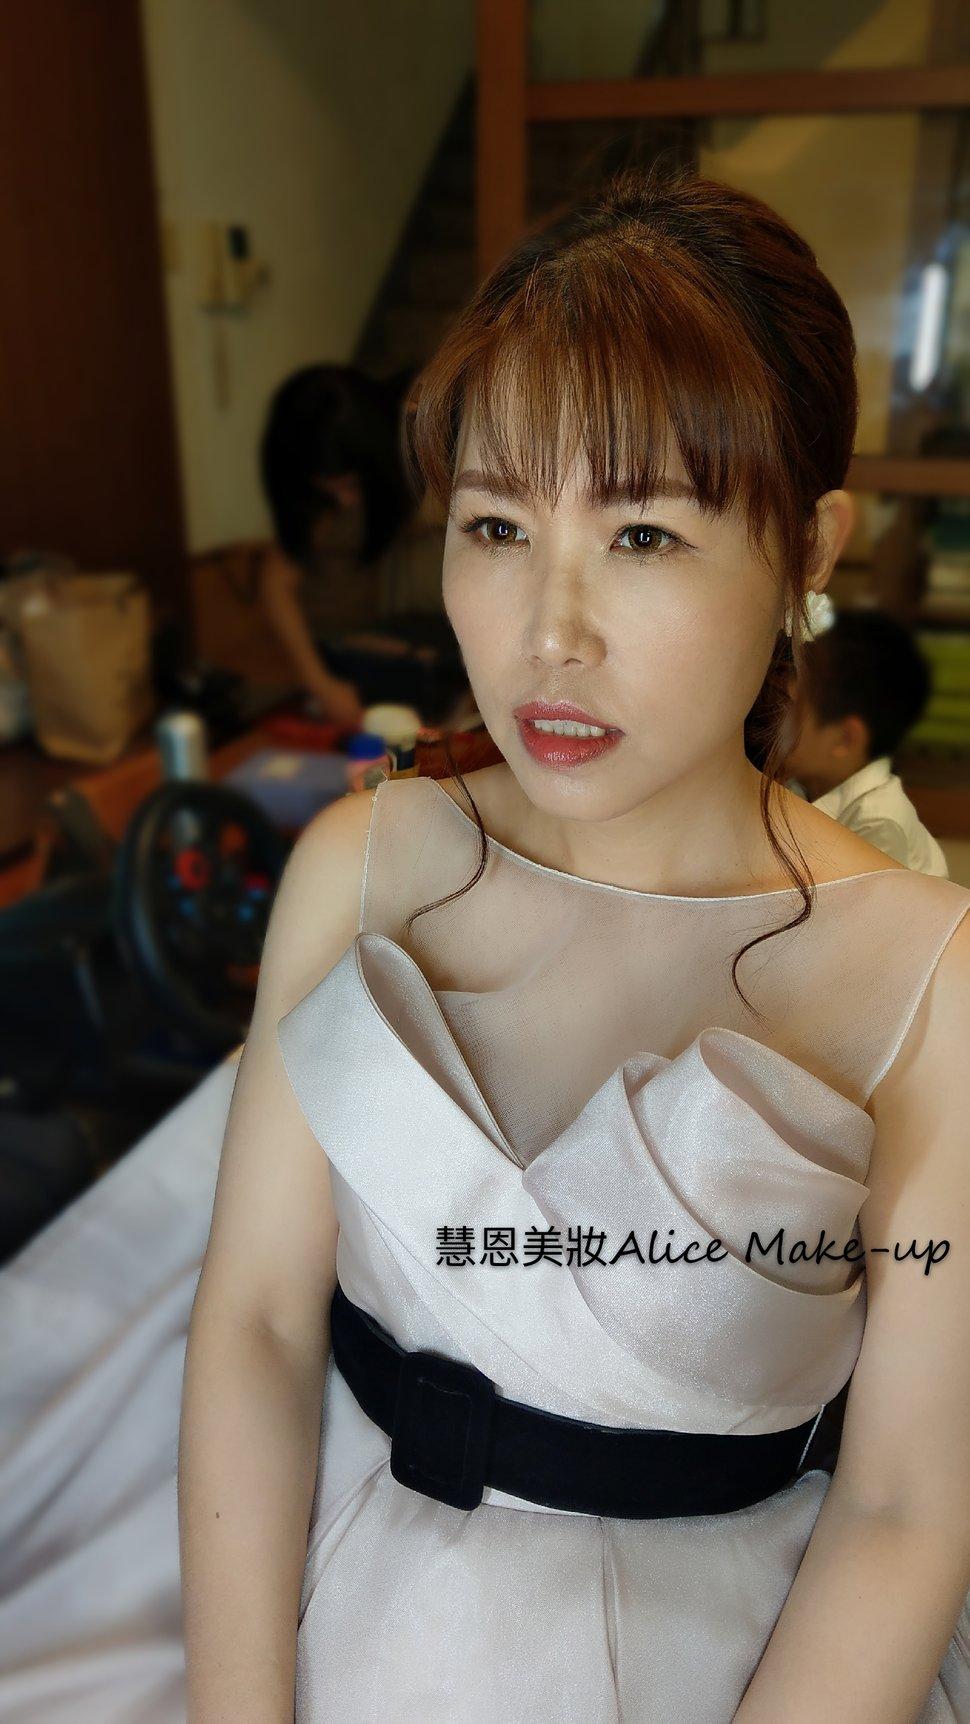 uri_mh1570260967211 - 慧恩美妝造型師《結婚吧》